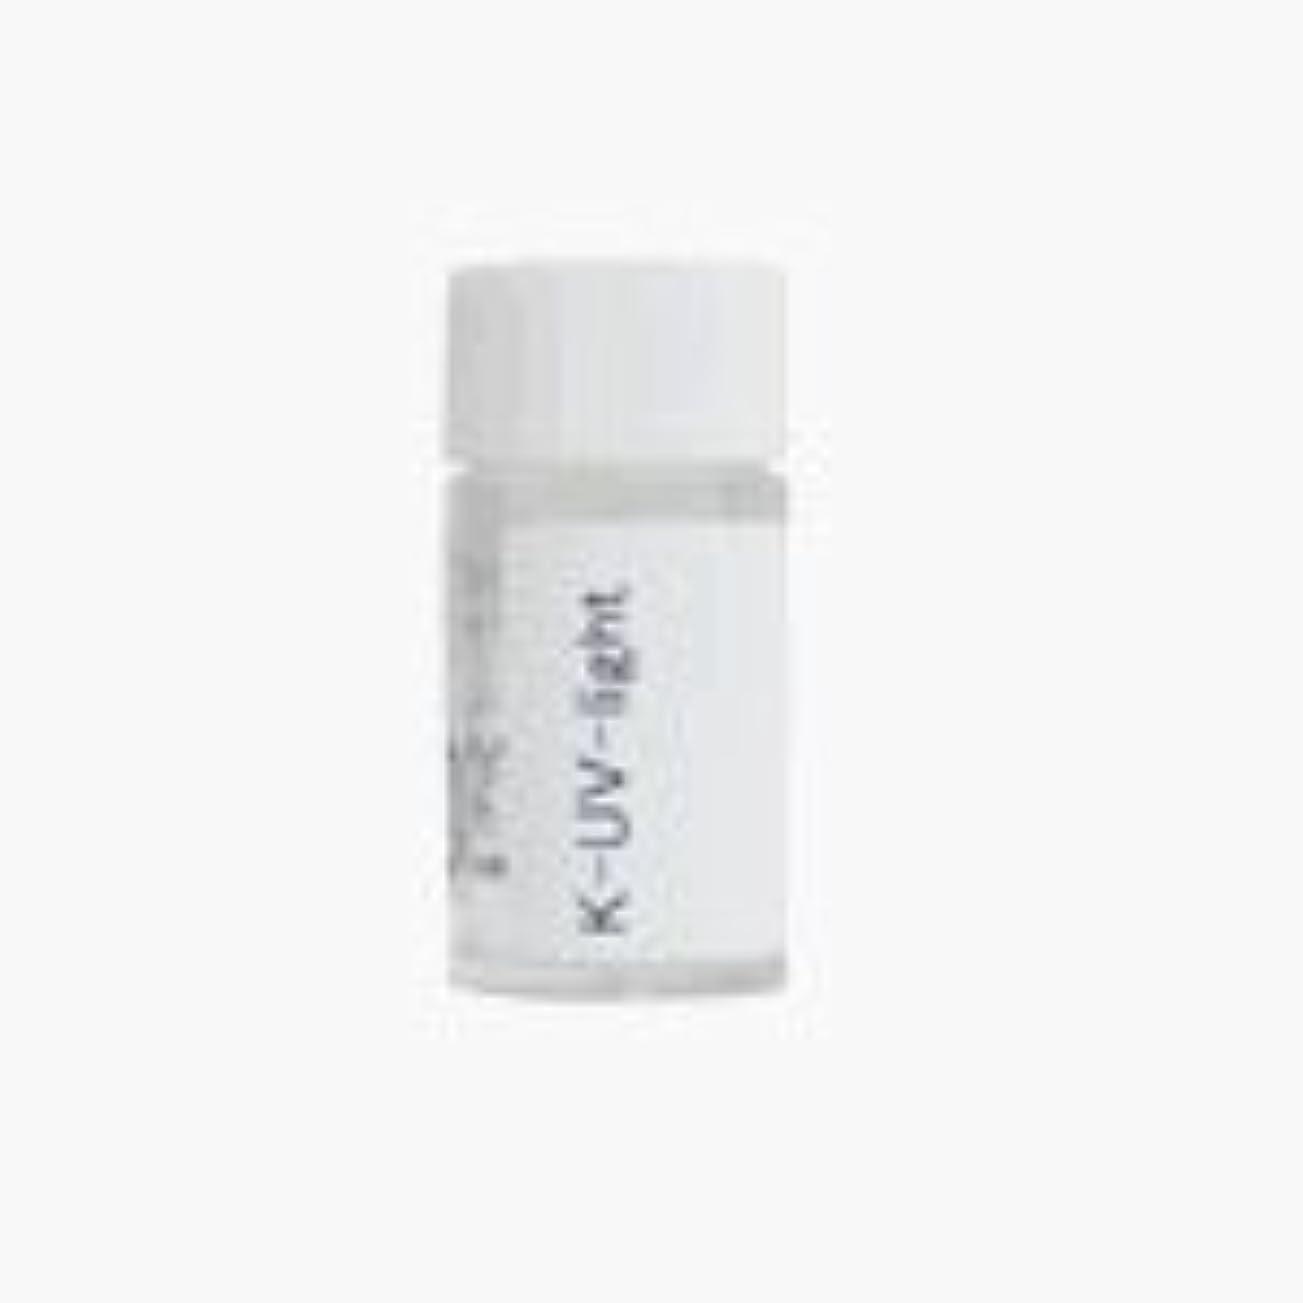 スペードプラスチック連続的Kシリーズ レメディー 単品 (小ビン(1.5g/約30粒), K-UV-light)